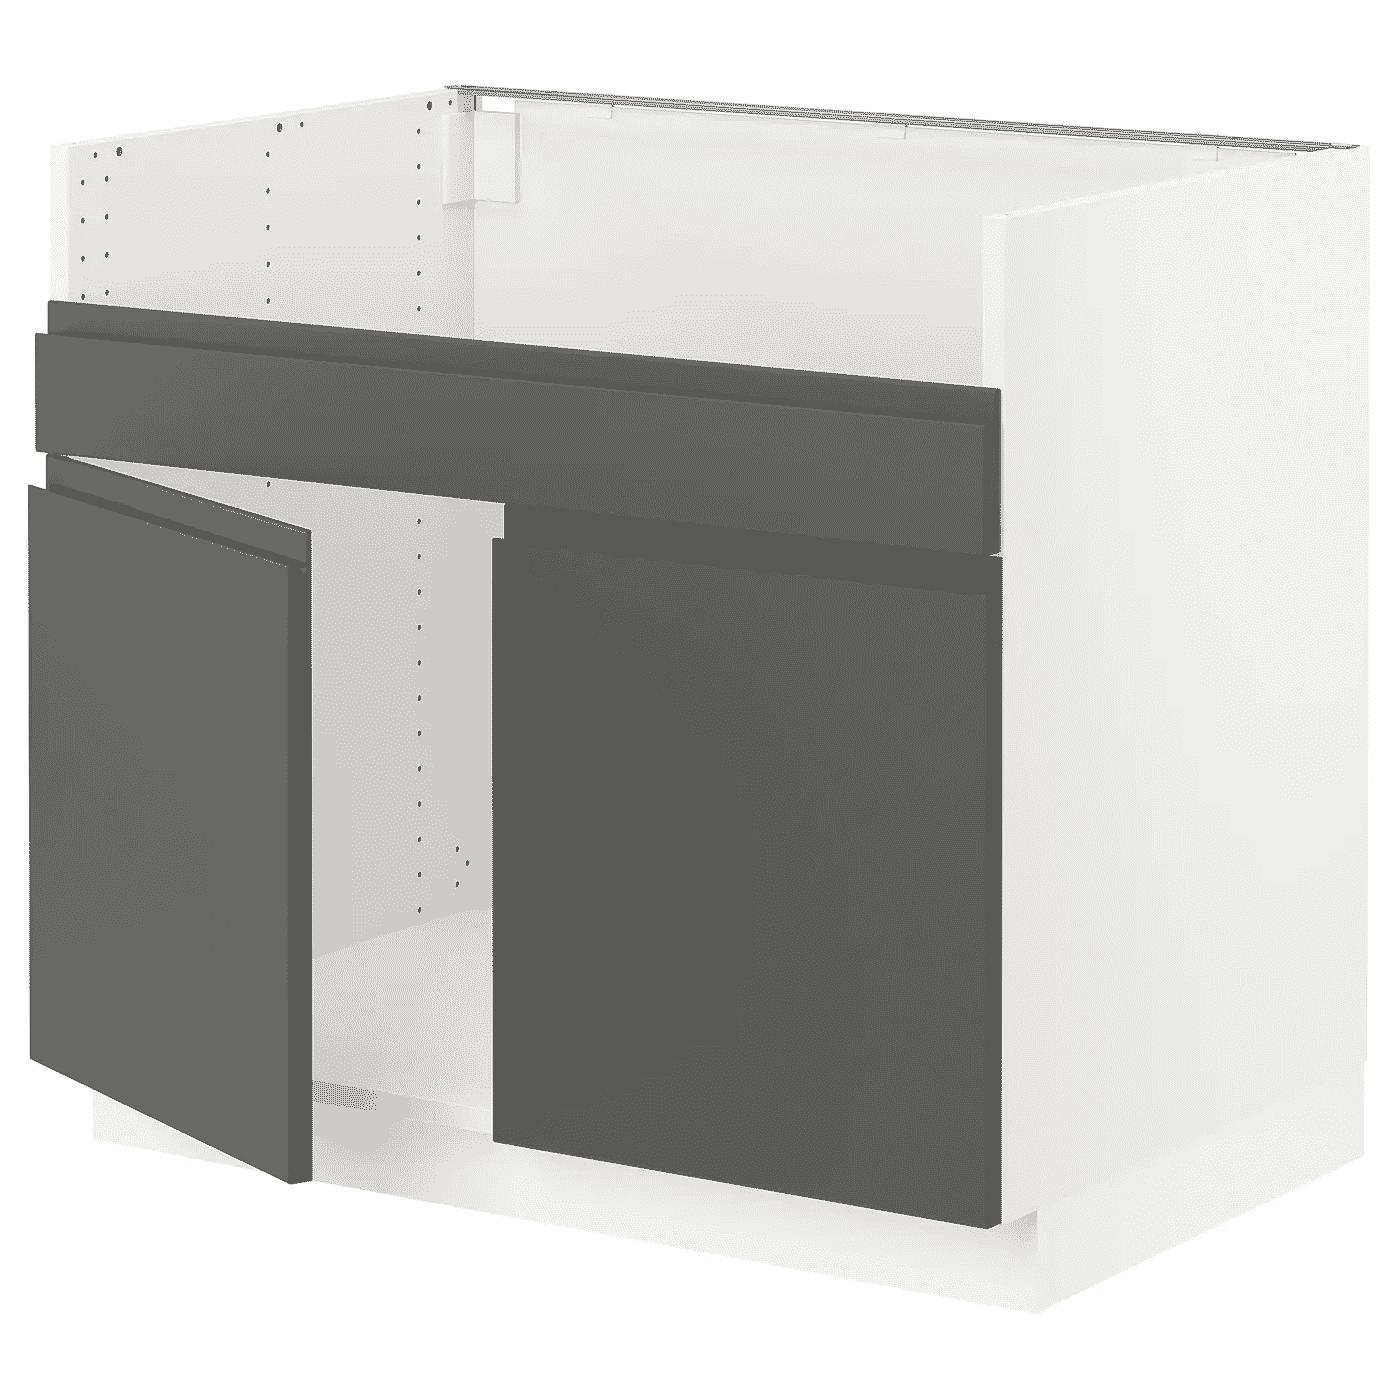 Sektion Base Cabinet for Havsen